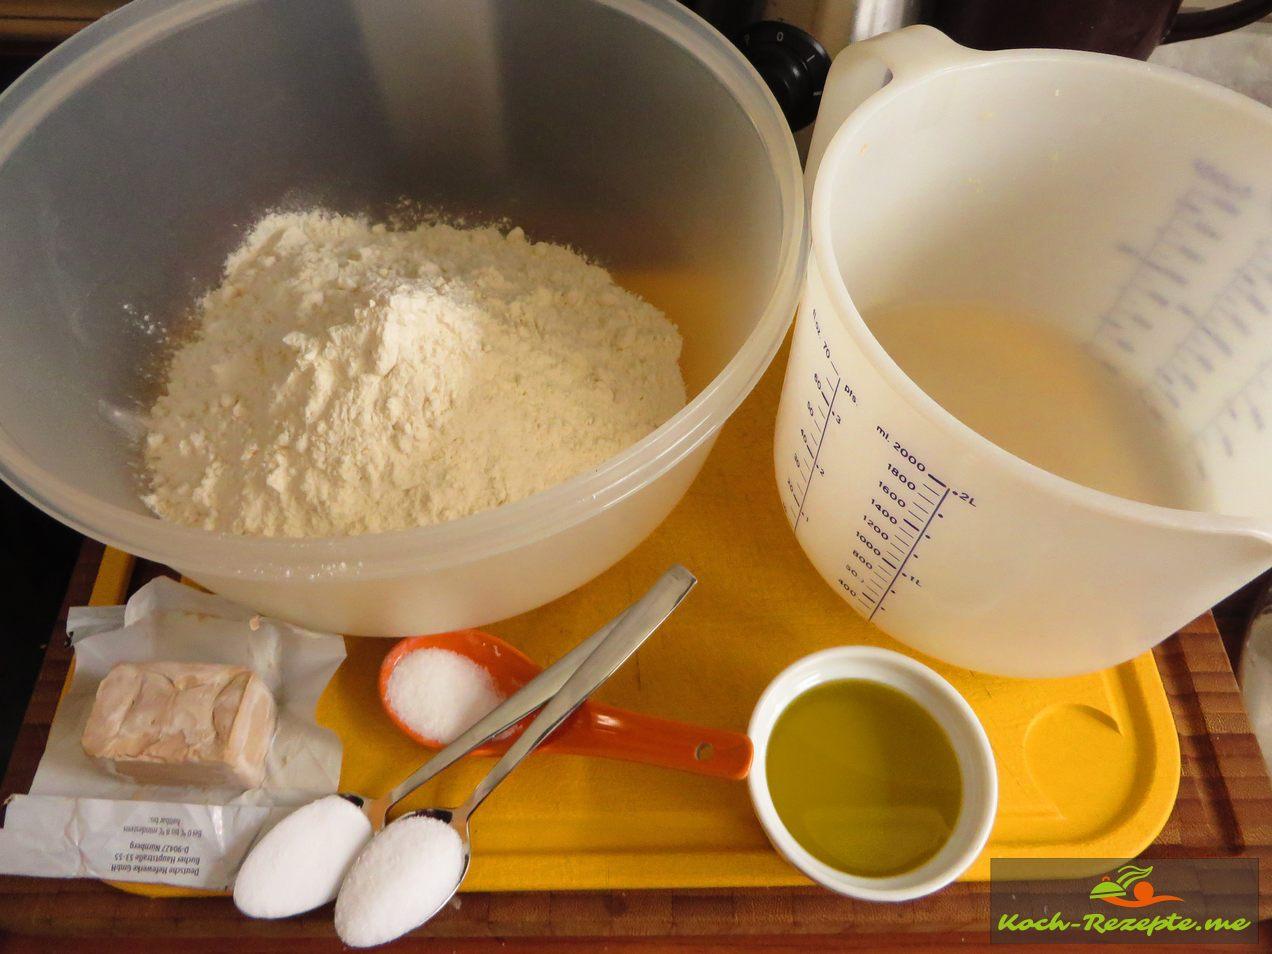 Zutaten für Puccia, gefülltes Brot